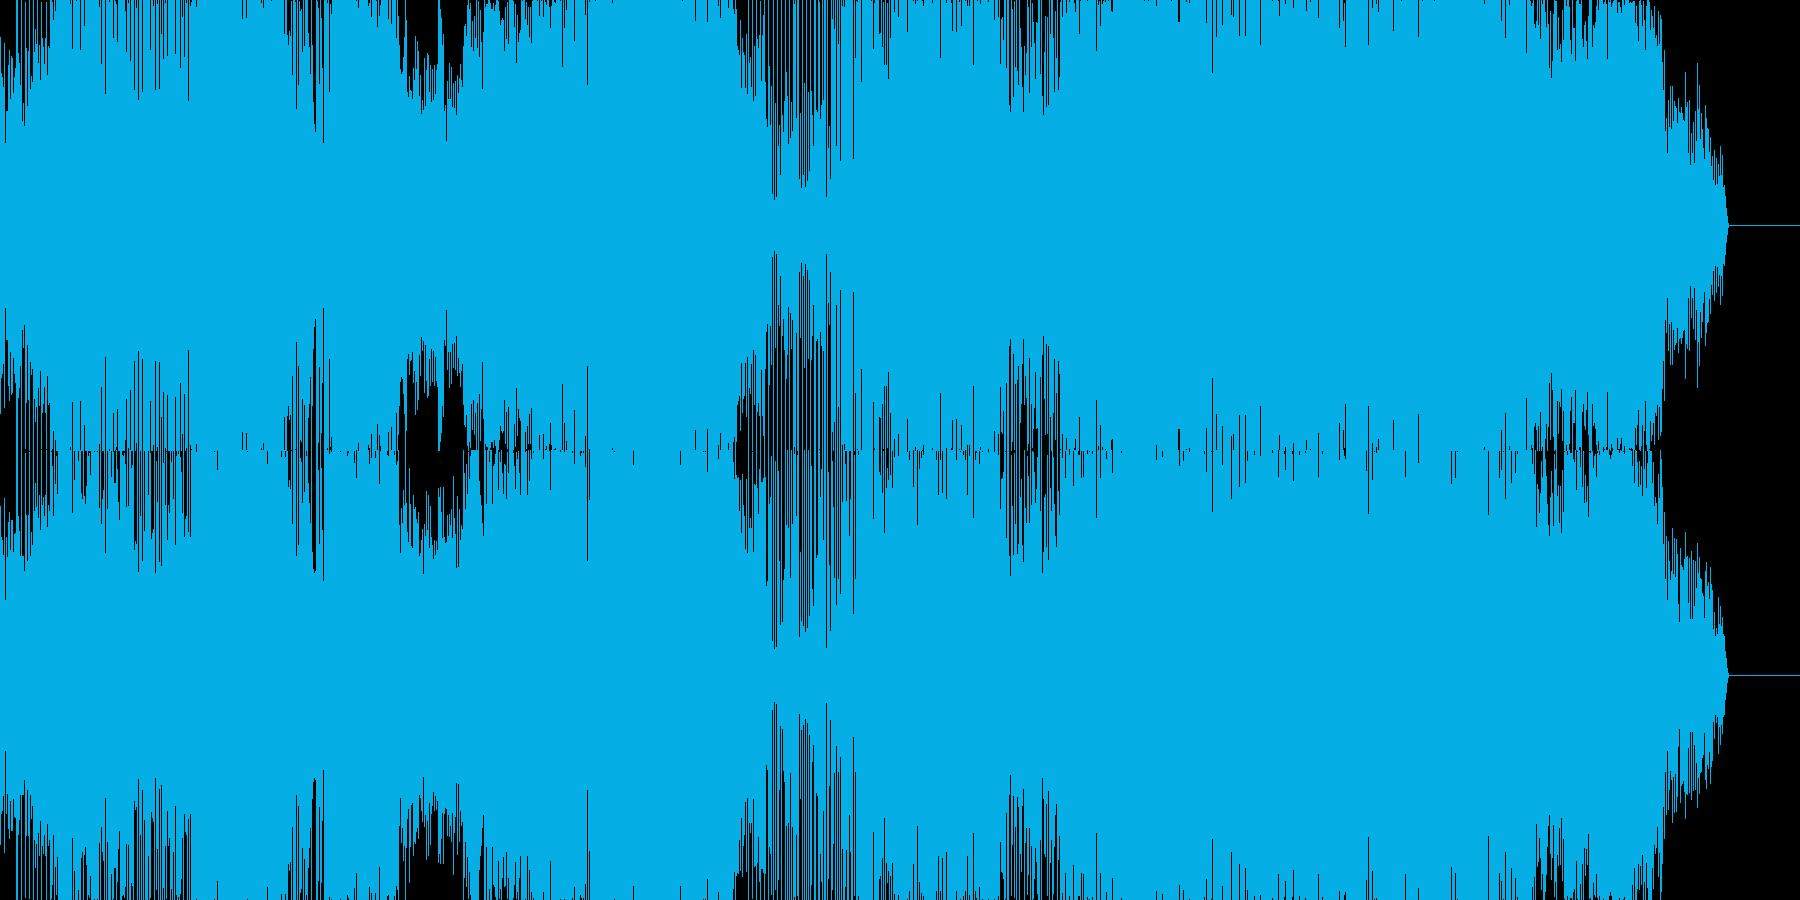 マニアックなテクノポップの再生済みの波形